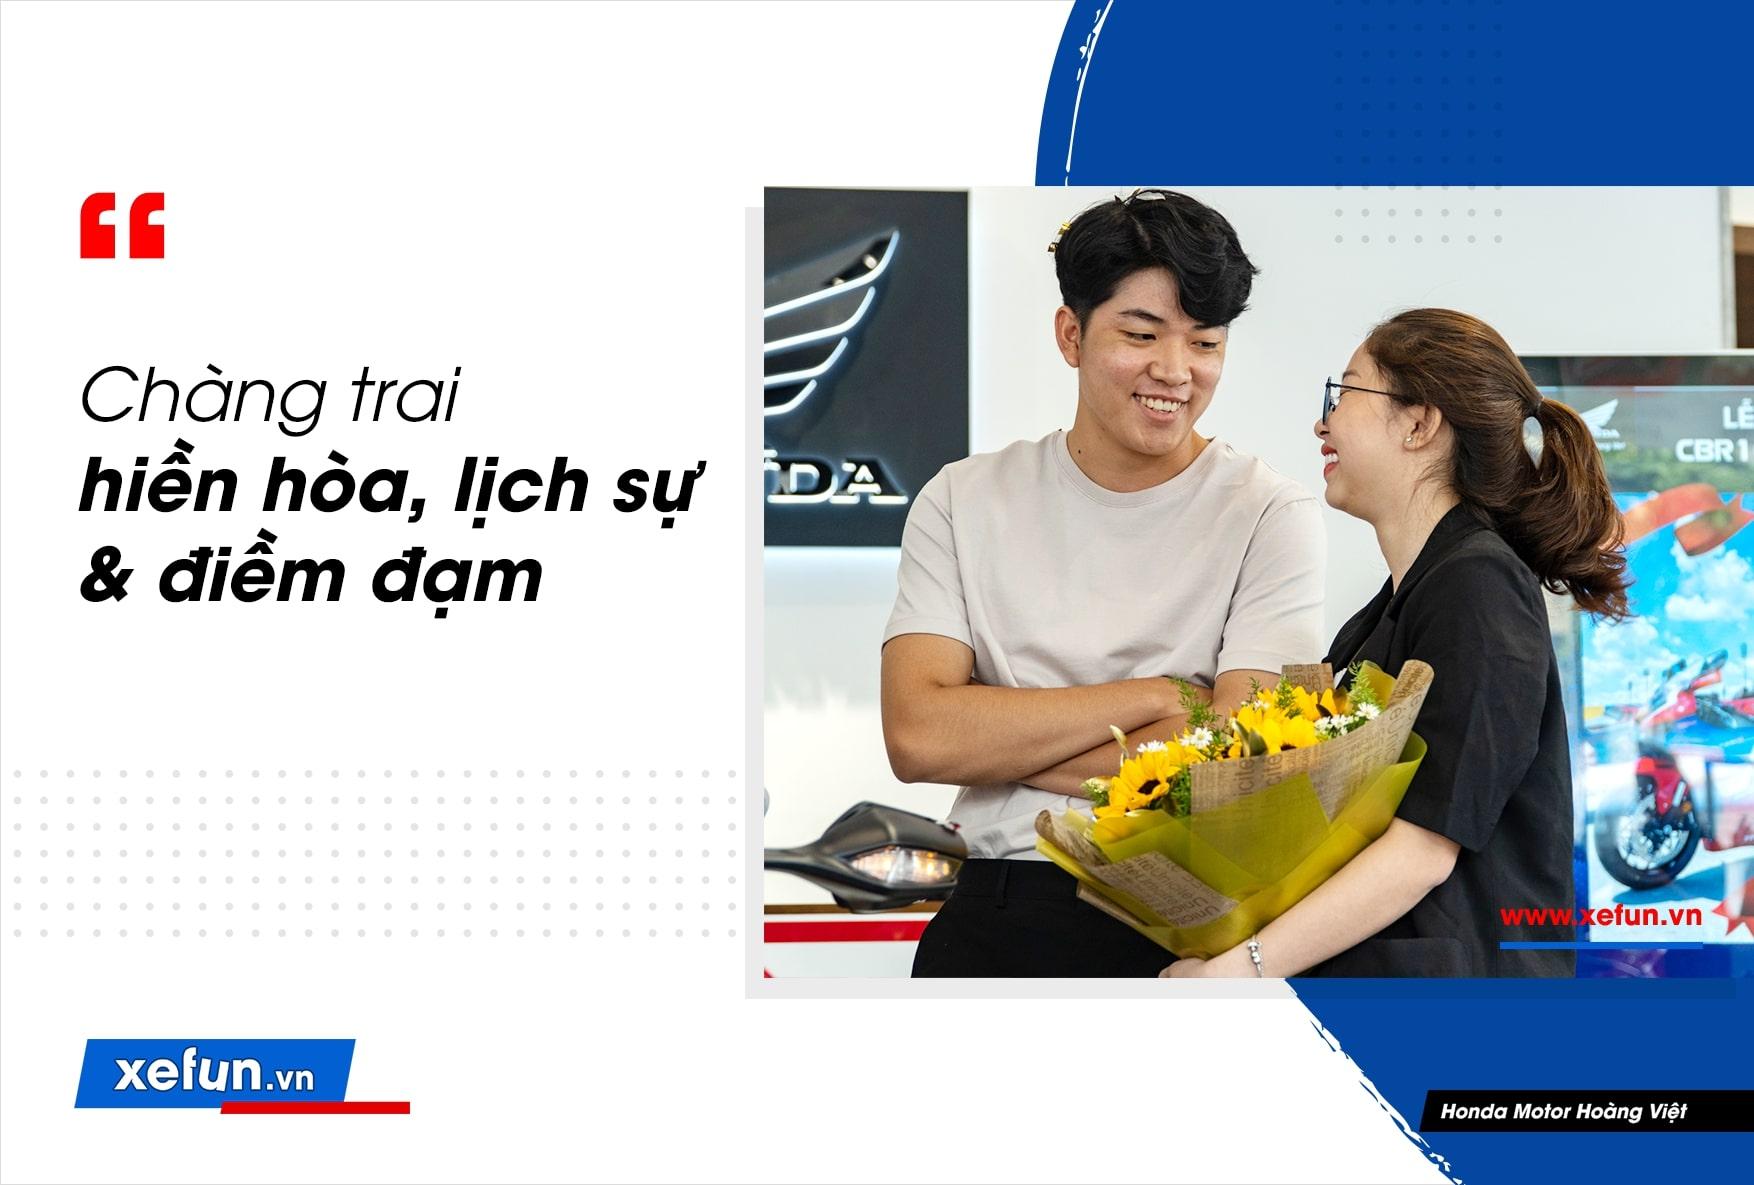 Chàng trai sinh năm 99 từ chối Lexus RX350 từ bố để chọn Honda CBR1000RR-R SP 2020 trên Xefun vn Honda Motor Hoàng Việt